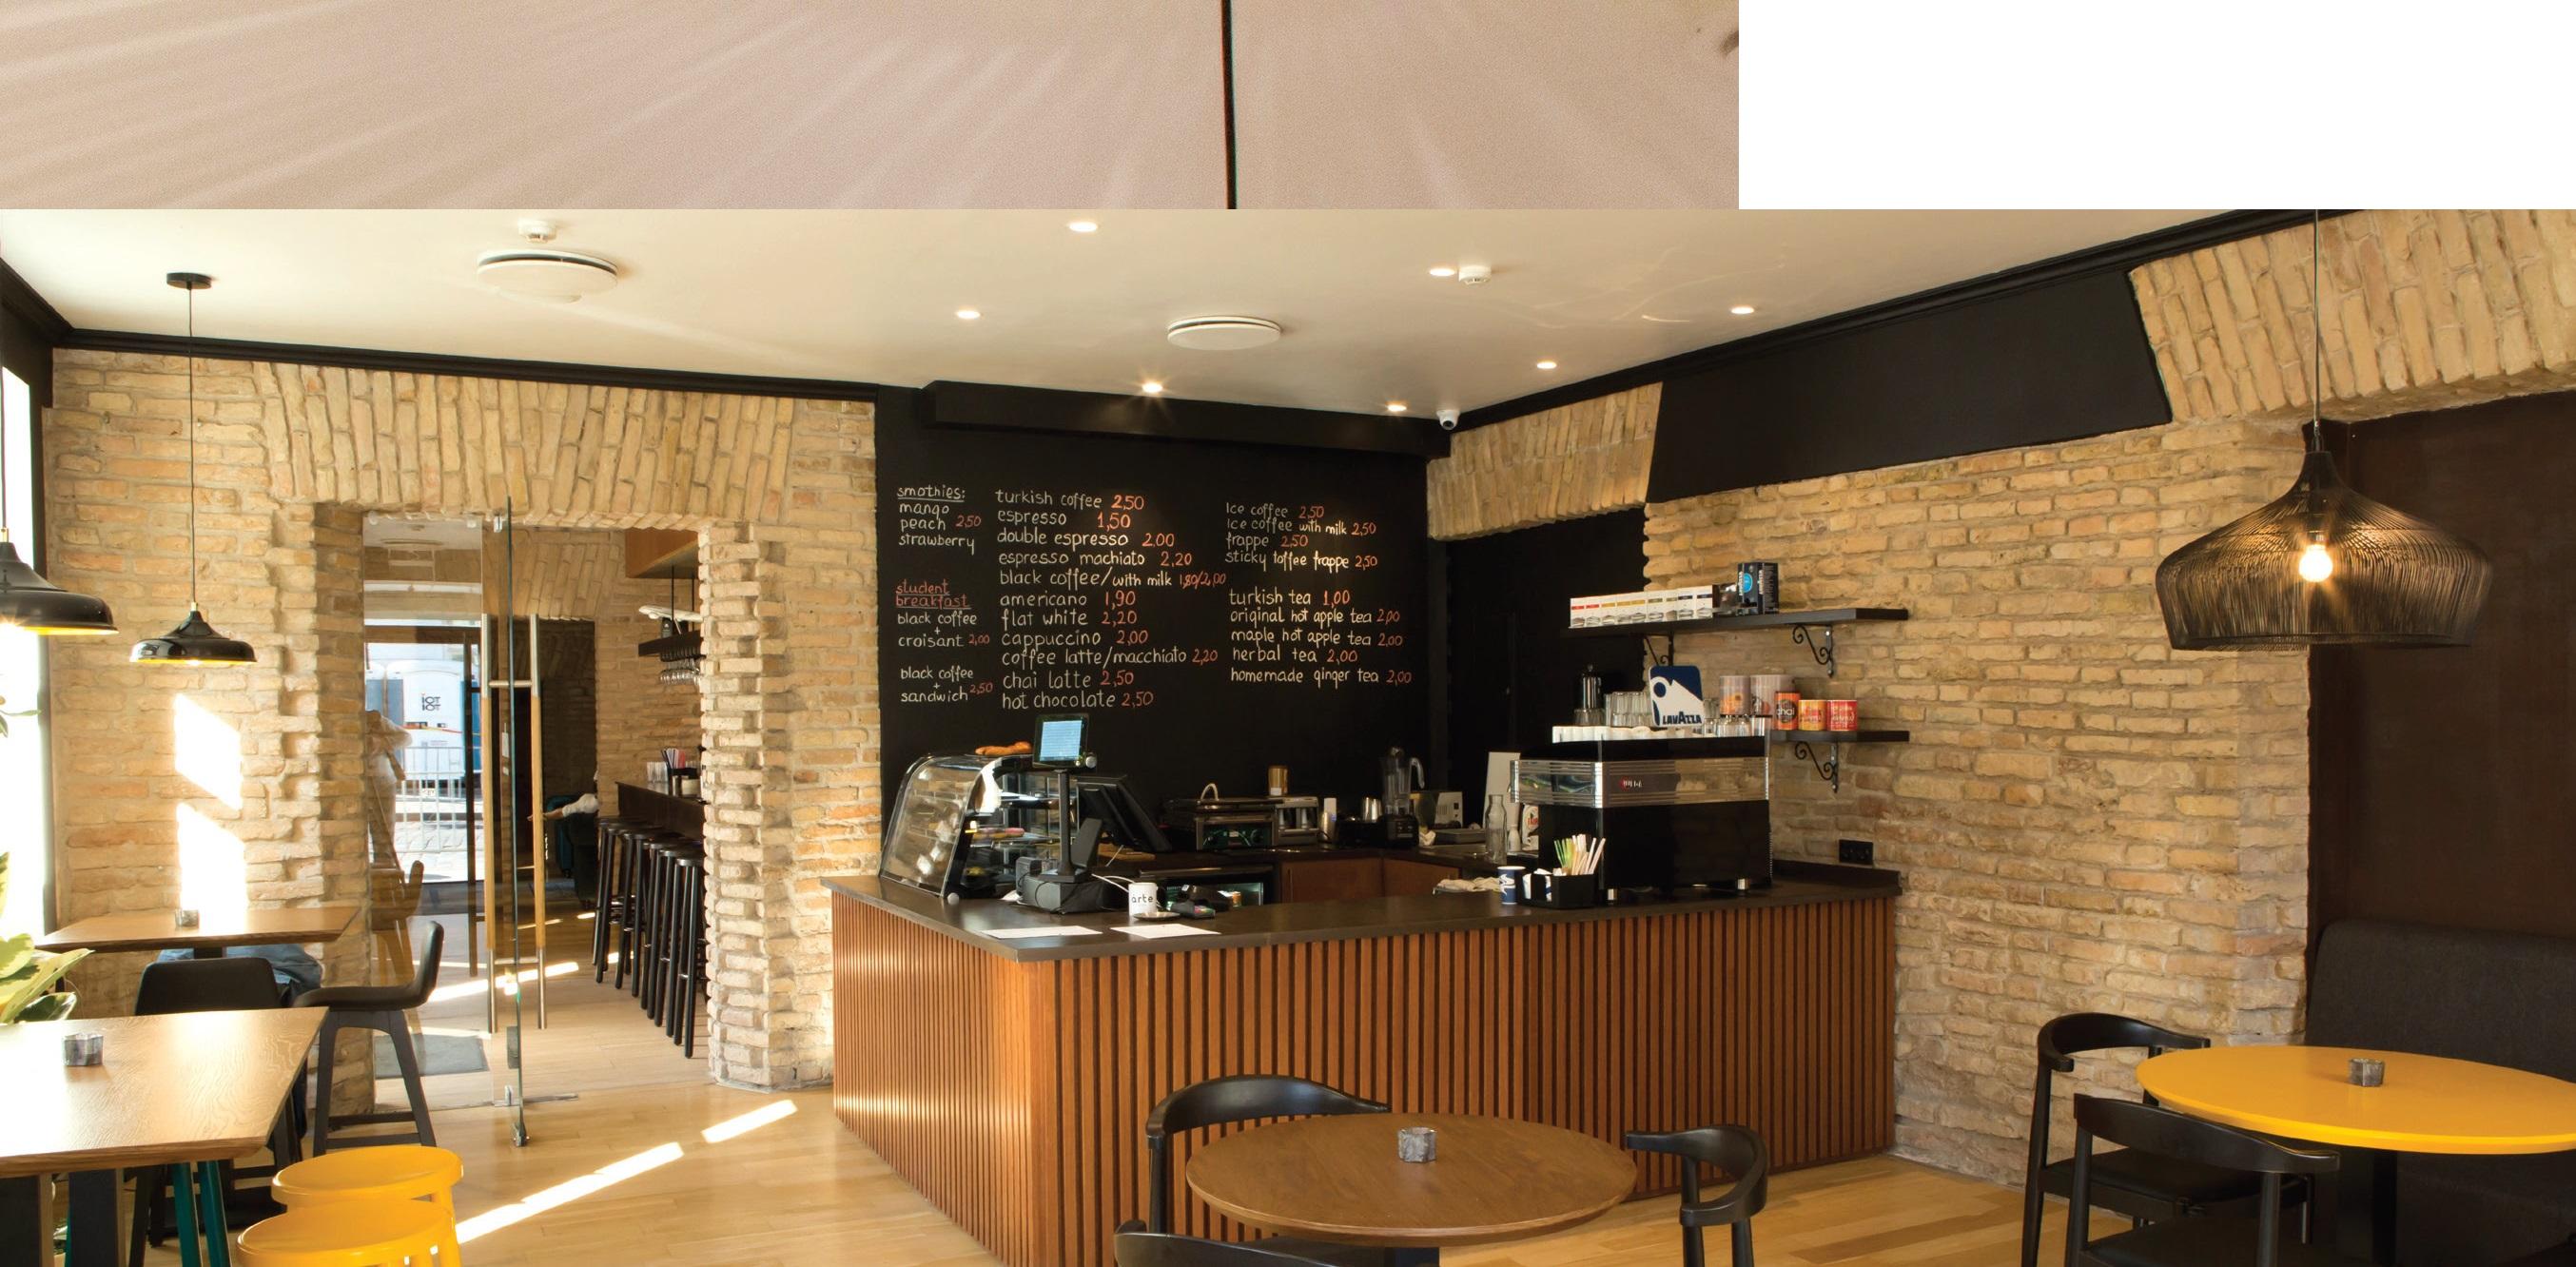 Vos įžengę pro duris, iškart patenkate į kavinę, kur galite mėgautis turkiška kava ar tradicine juodąja arbata